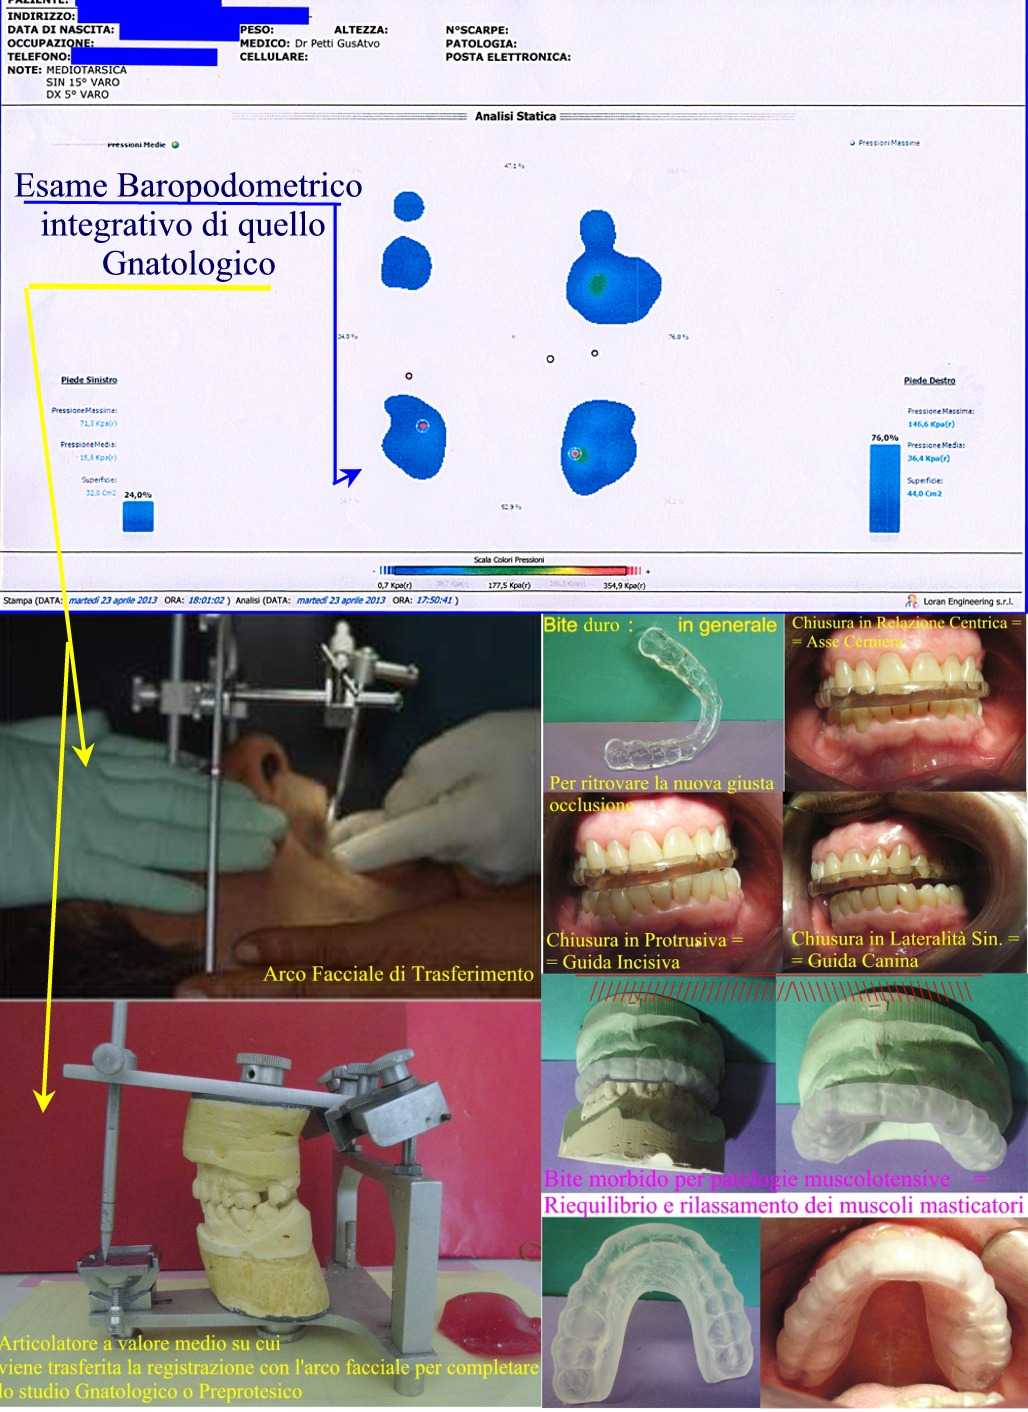 Poster dimostrativo di una analisi podometrica statica, di un arco facciale con articolatore a valore medio e di diversi tipi di bite in uno studio Gnatologico. Da casistrica del Dr. Gustavo Petti Gnatologo Parodontologo di Cagliari